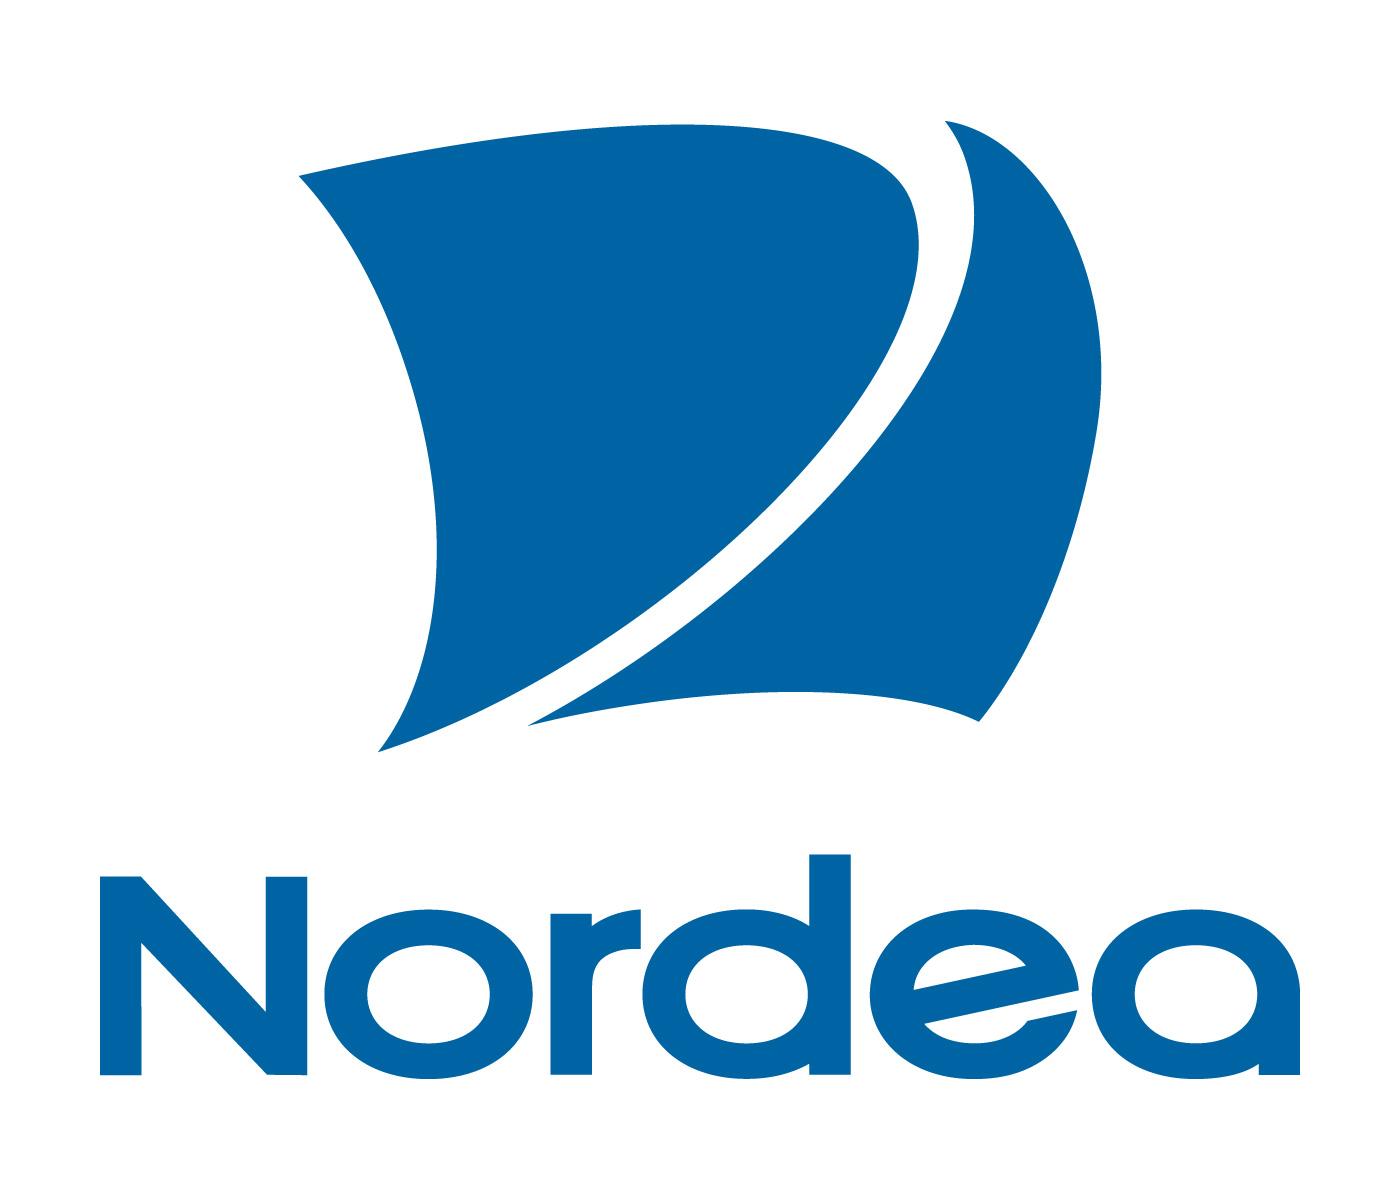 Nordea-logo.jpg